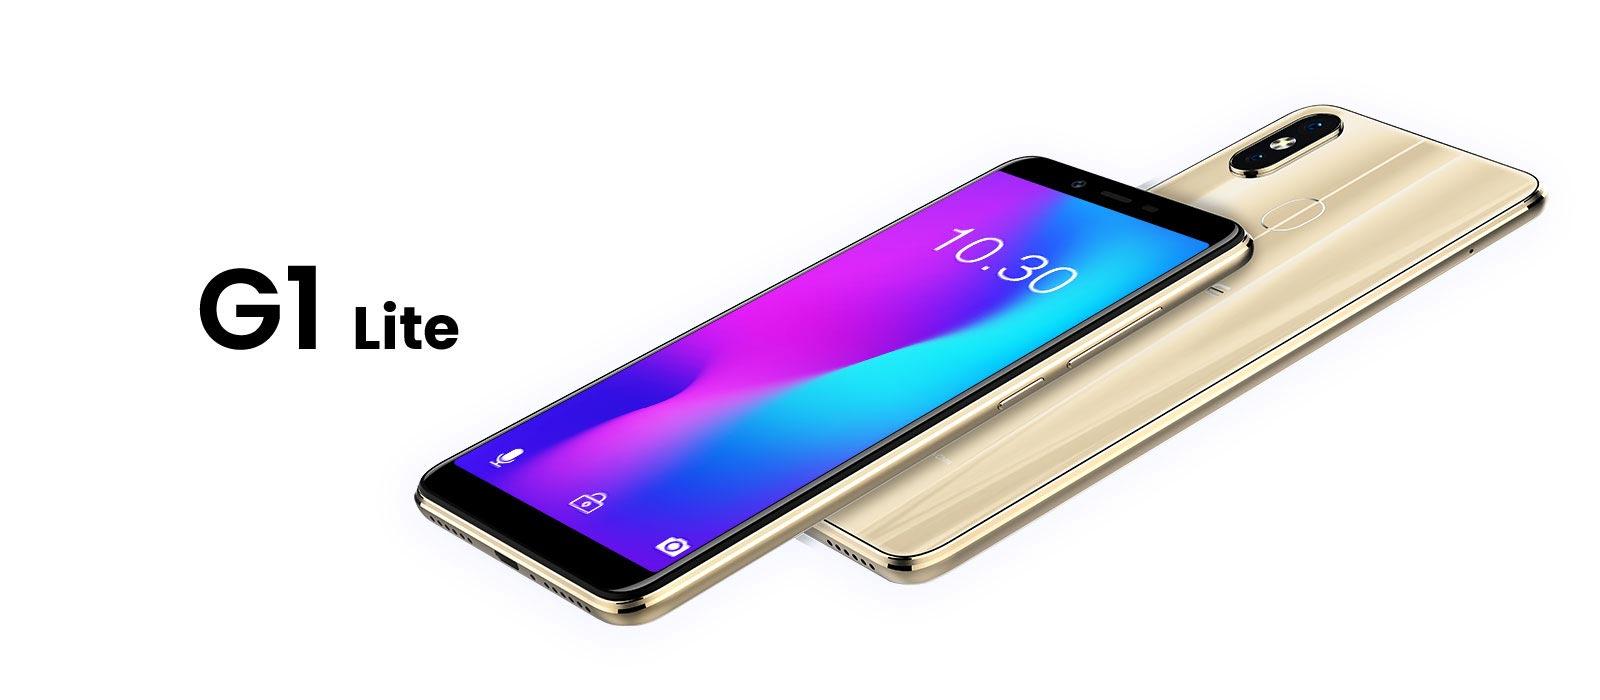 X-AGE Mobile - G1 Lite